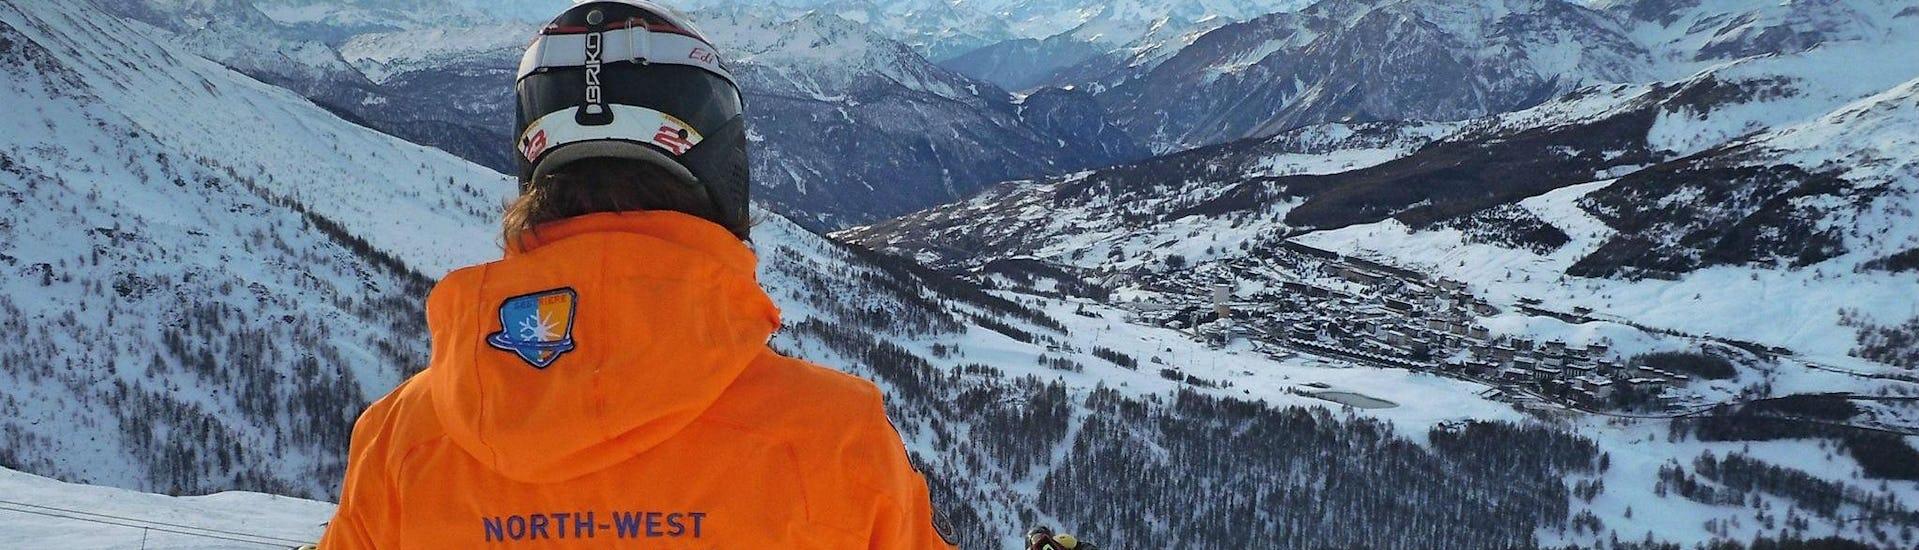 Uno sciatore sta ammirando le cime innevate del comprensorio sciistico di Sestriere durante una delle Lezioni di sci per adulti - Intermedi/Avanzati organizzate dalla scuola di sci YES Academy Sestriere.